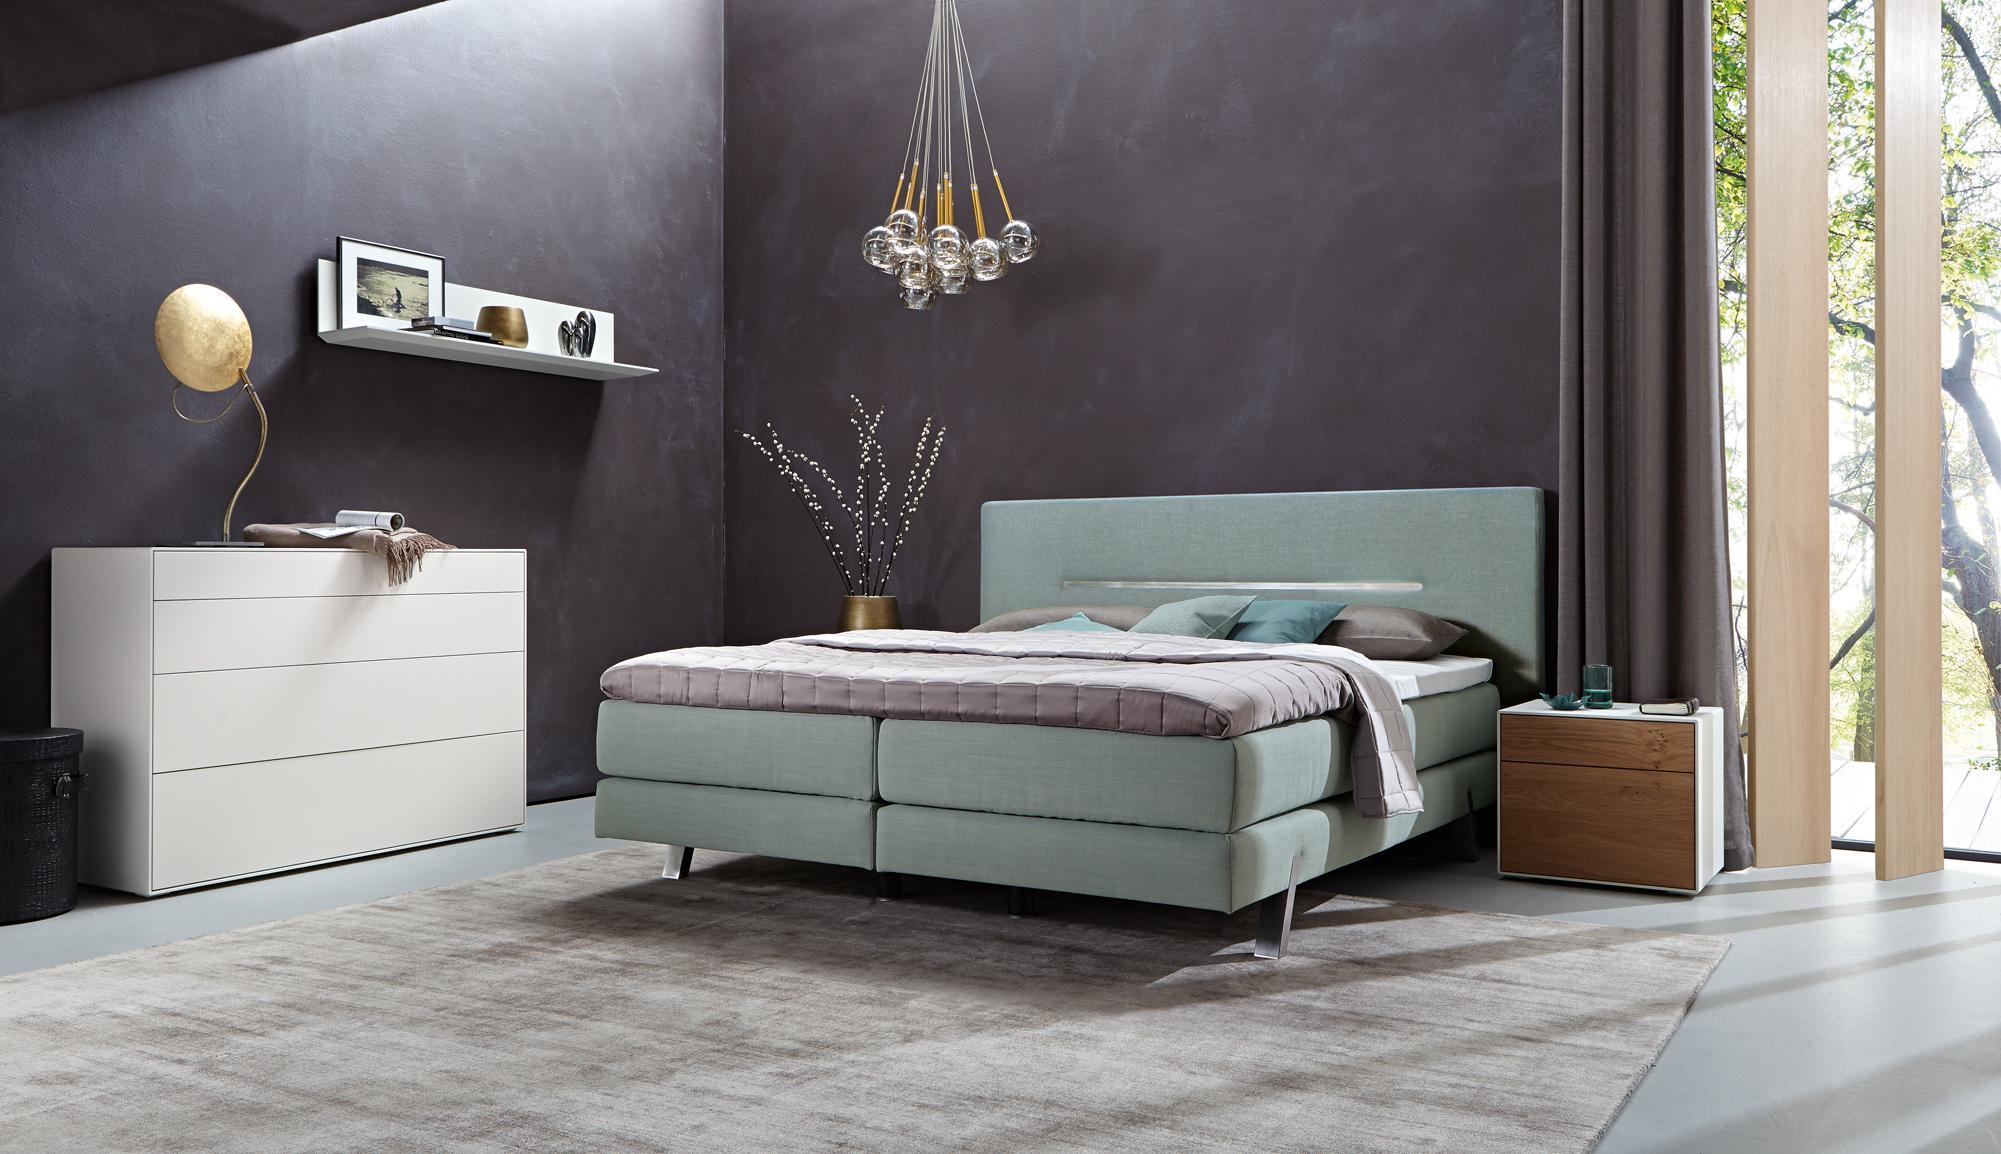 Bezaubernd Schlafzimmer Teppich Foto Von Kreativer Farbmix Im #teppich #kommode #nachttisch #pendelleuchte